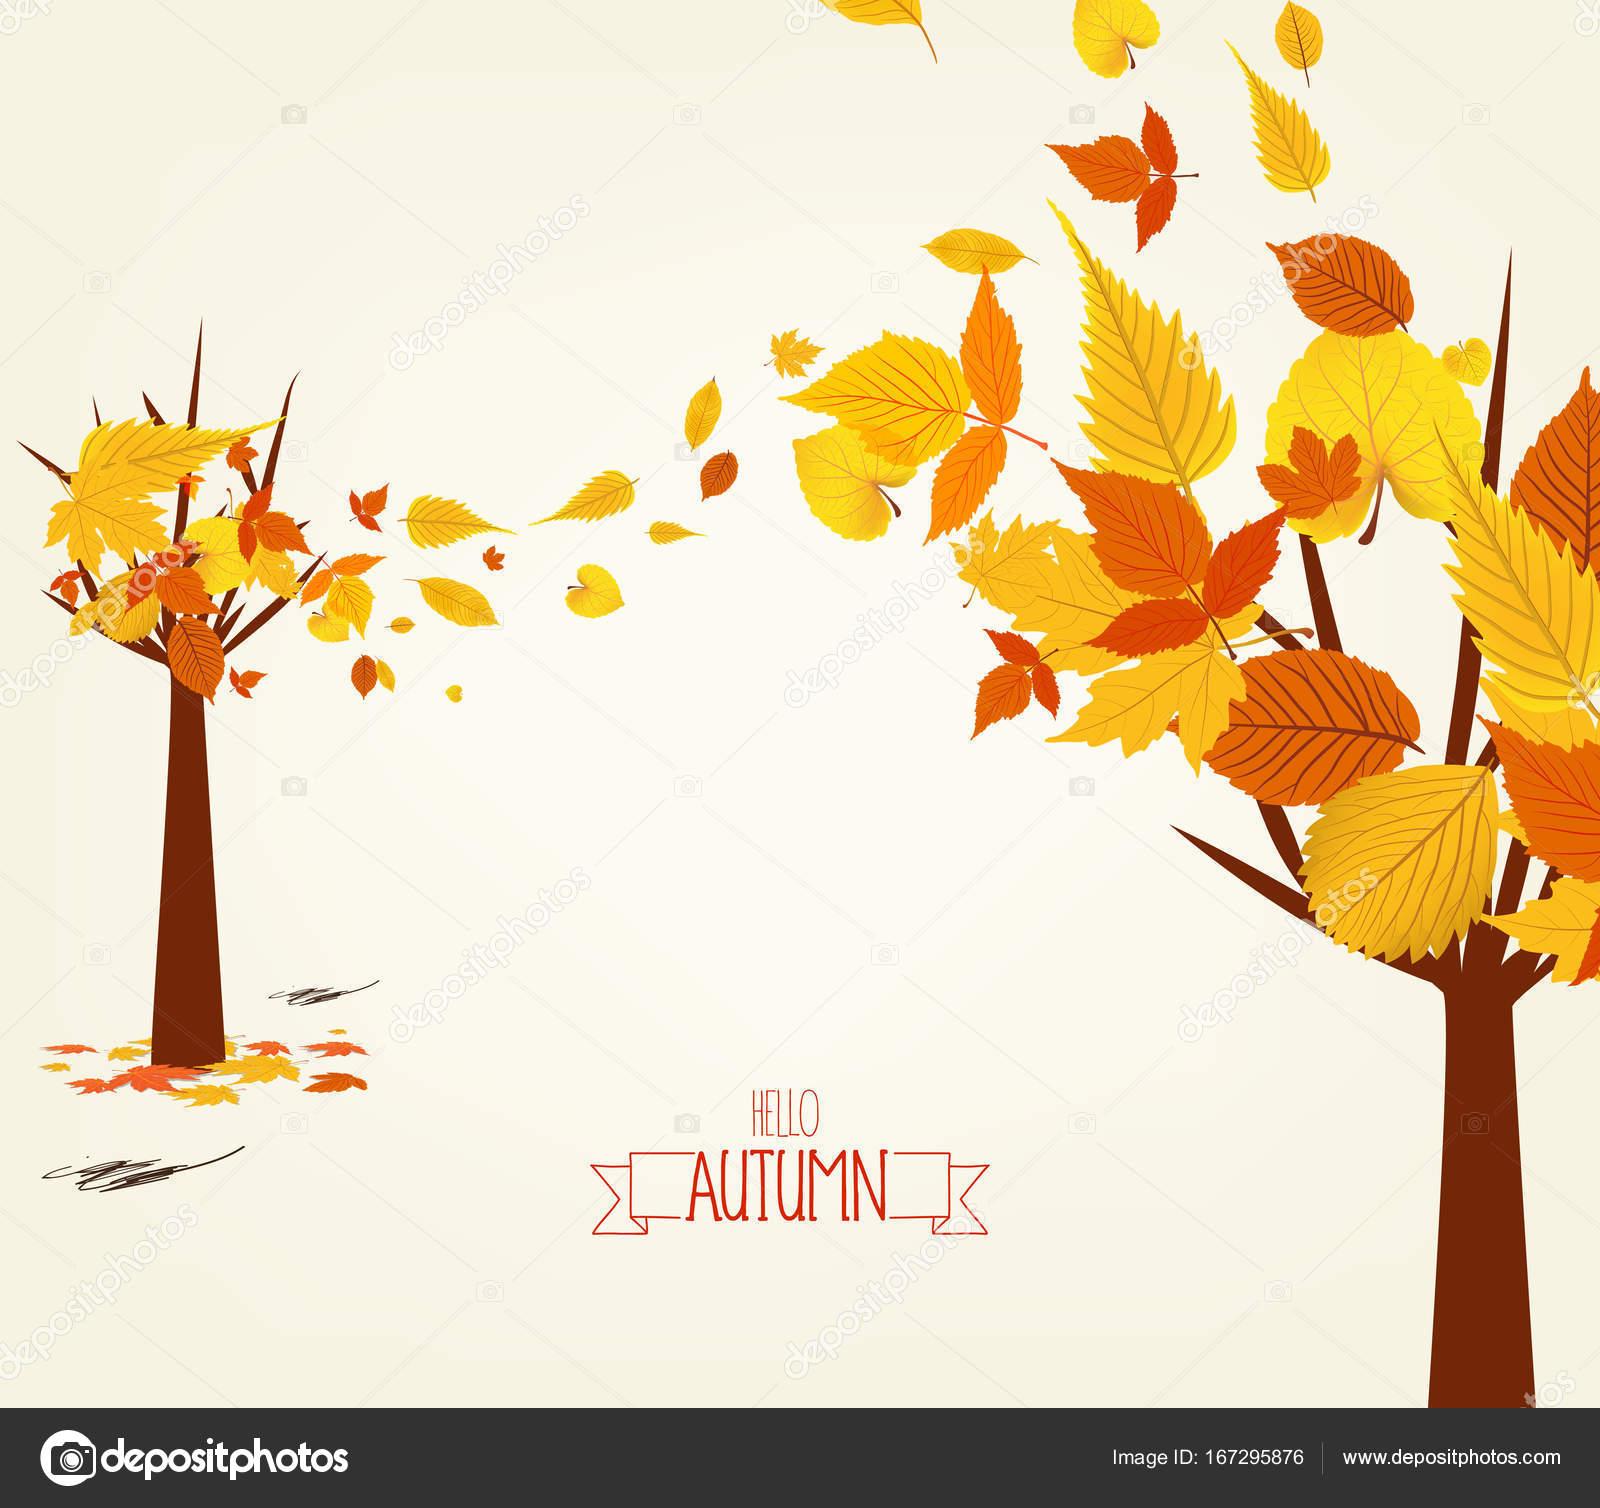 秋デザインのベクター イラストです。秋のツリーの背景色 — ストック